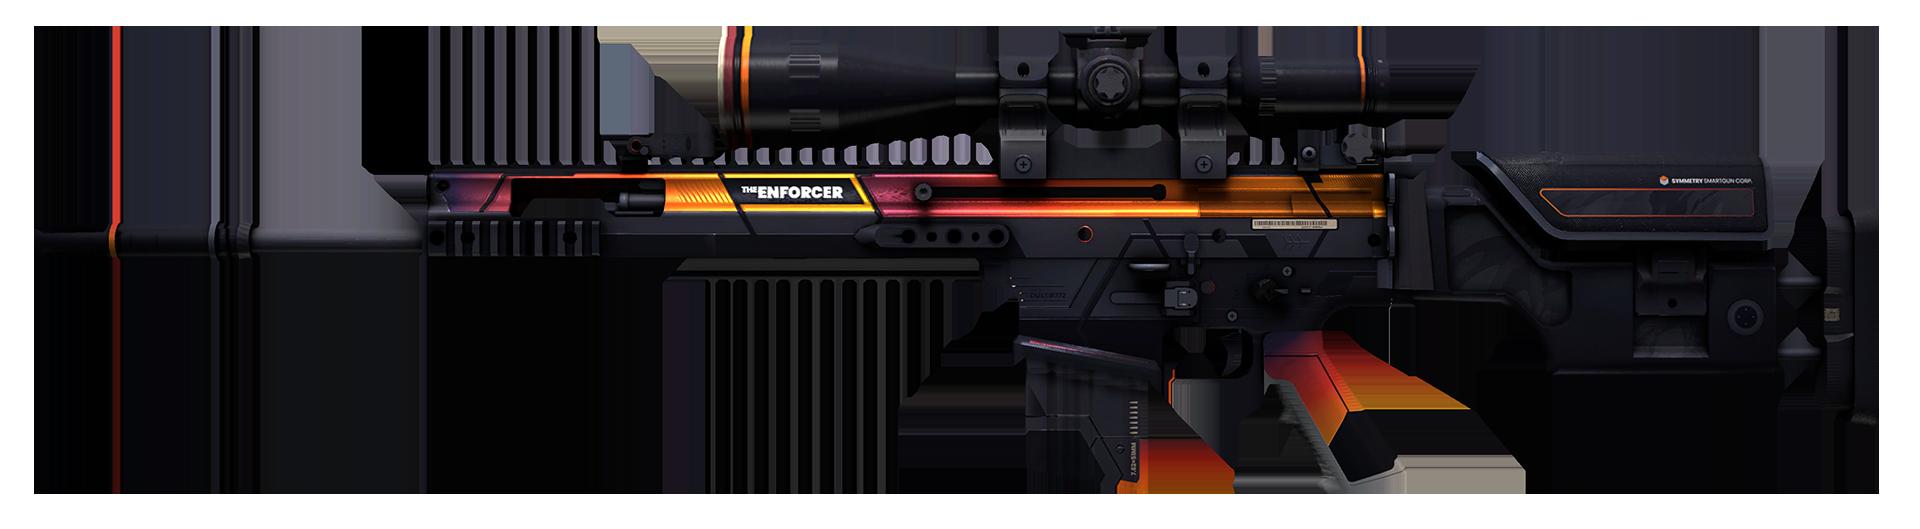 SCAR-20 Enforcer Large Rendering